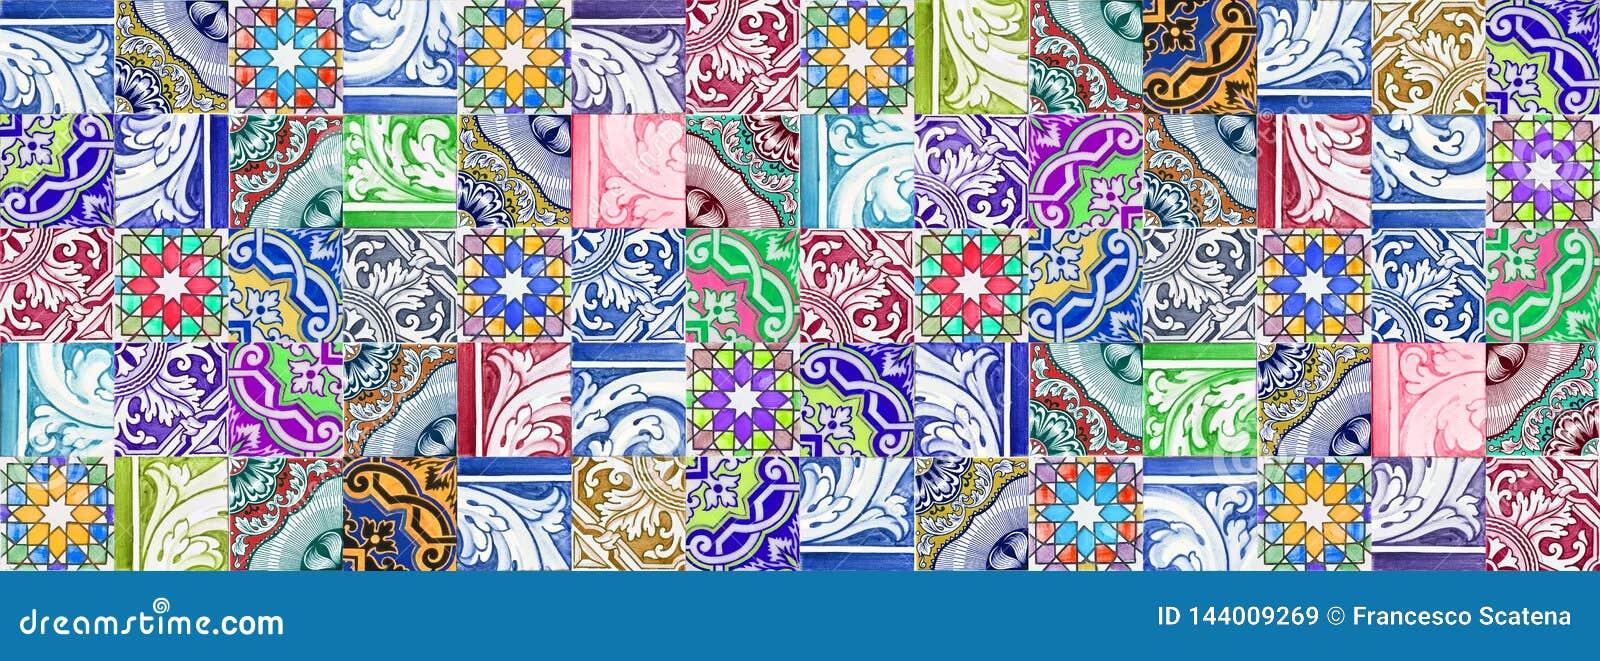 Composizione delle decorazioni portoghesi tipiche con le piastrelle di ceramica colorate chiamate - azulejos- è una struttura sen